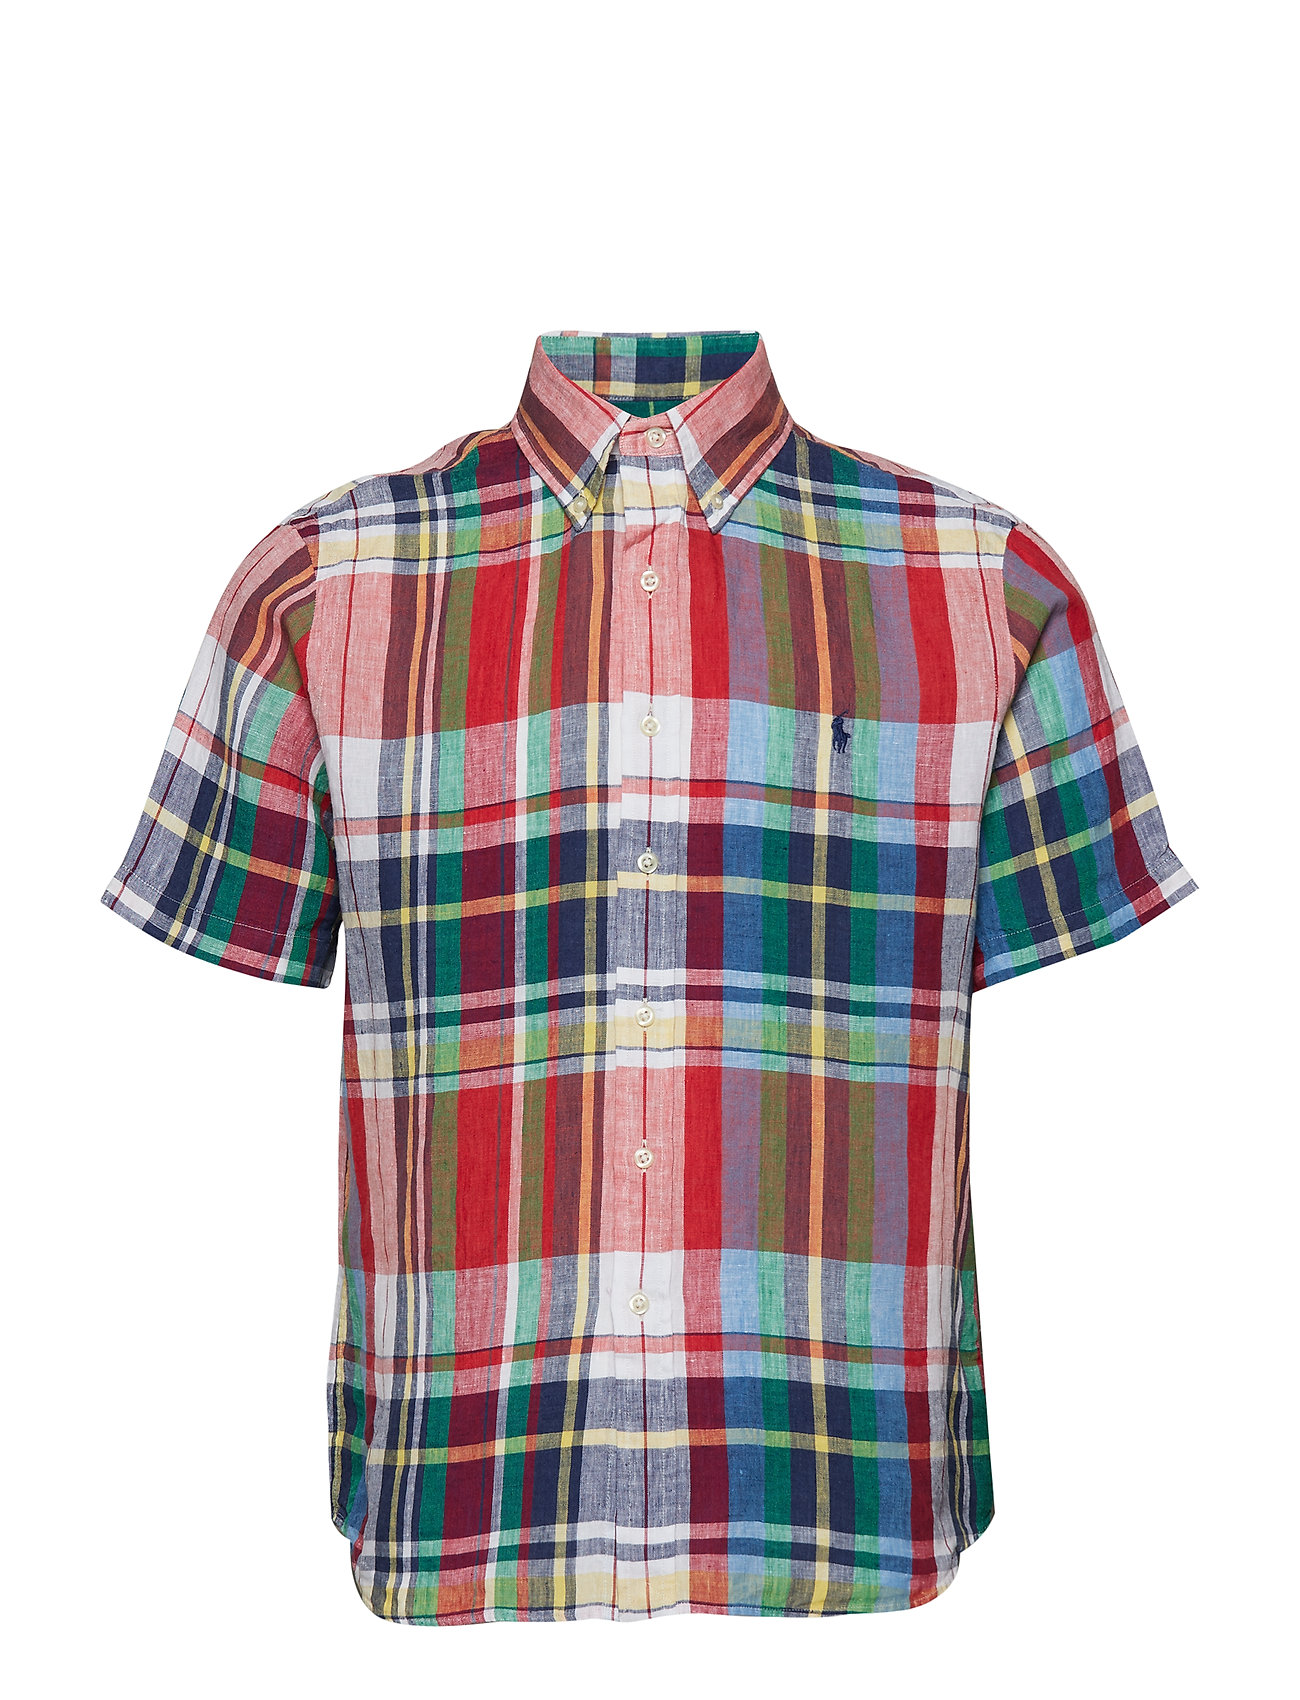 Polo Ralph Lauren Classic Fit Linen Shirt - 3310 APPLE/NAVY M